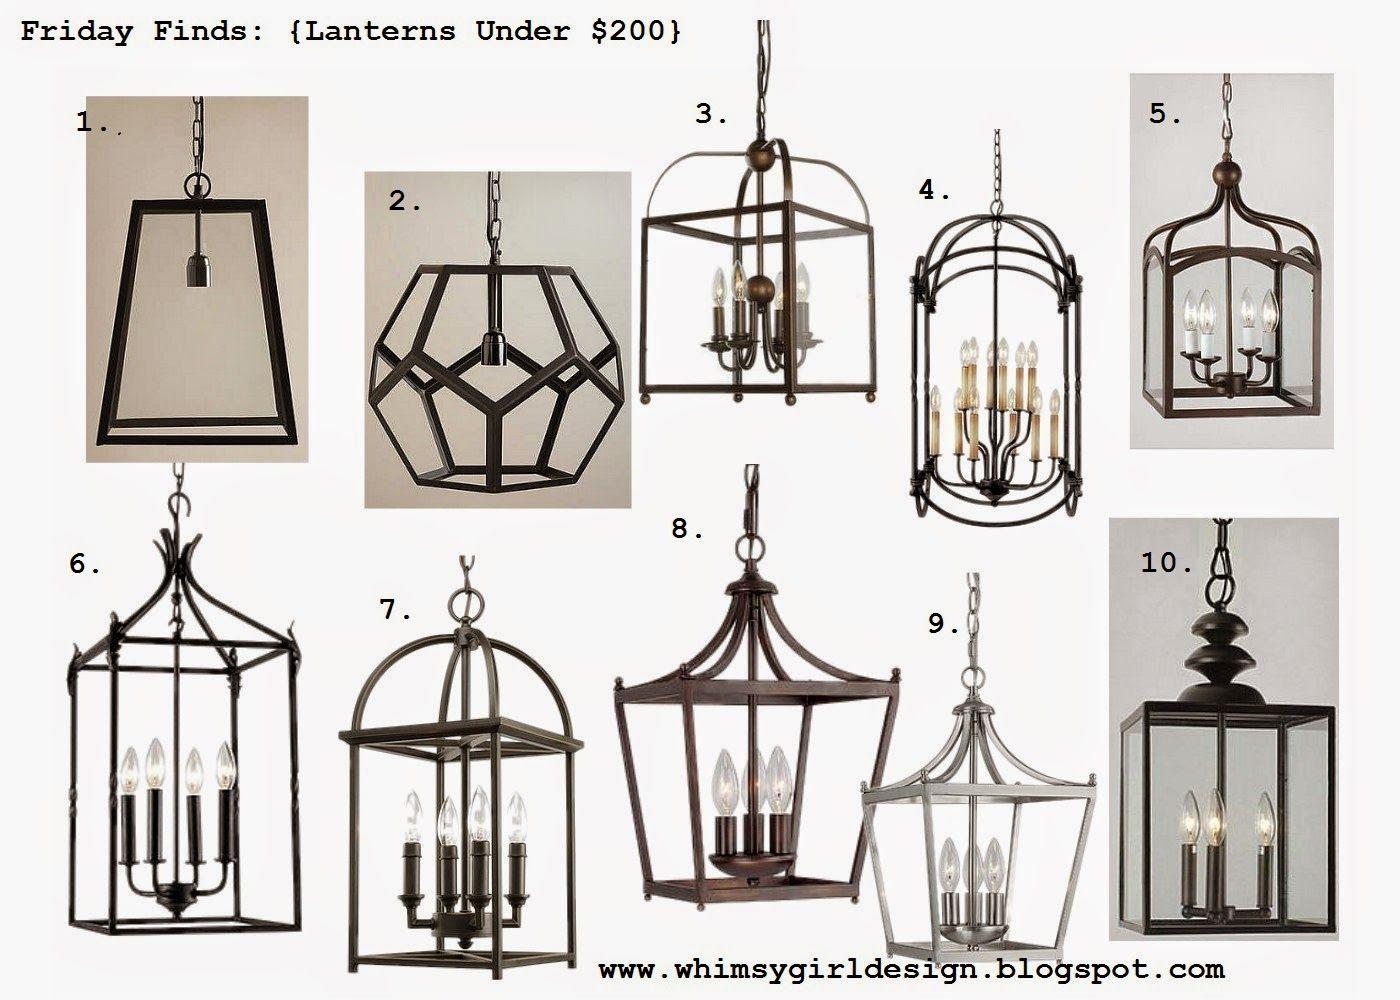 ideas lanterns lantern kitchen lighting whimsy girl Friday Finds Lanterns Under